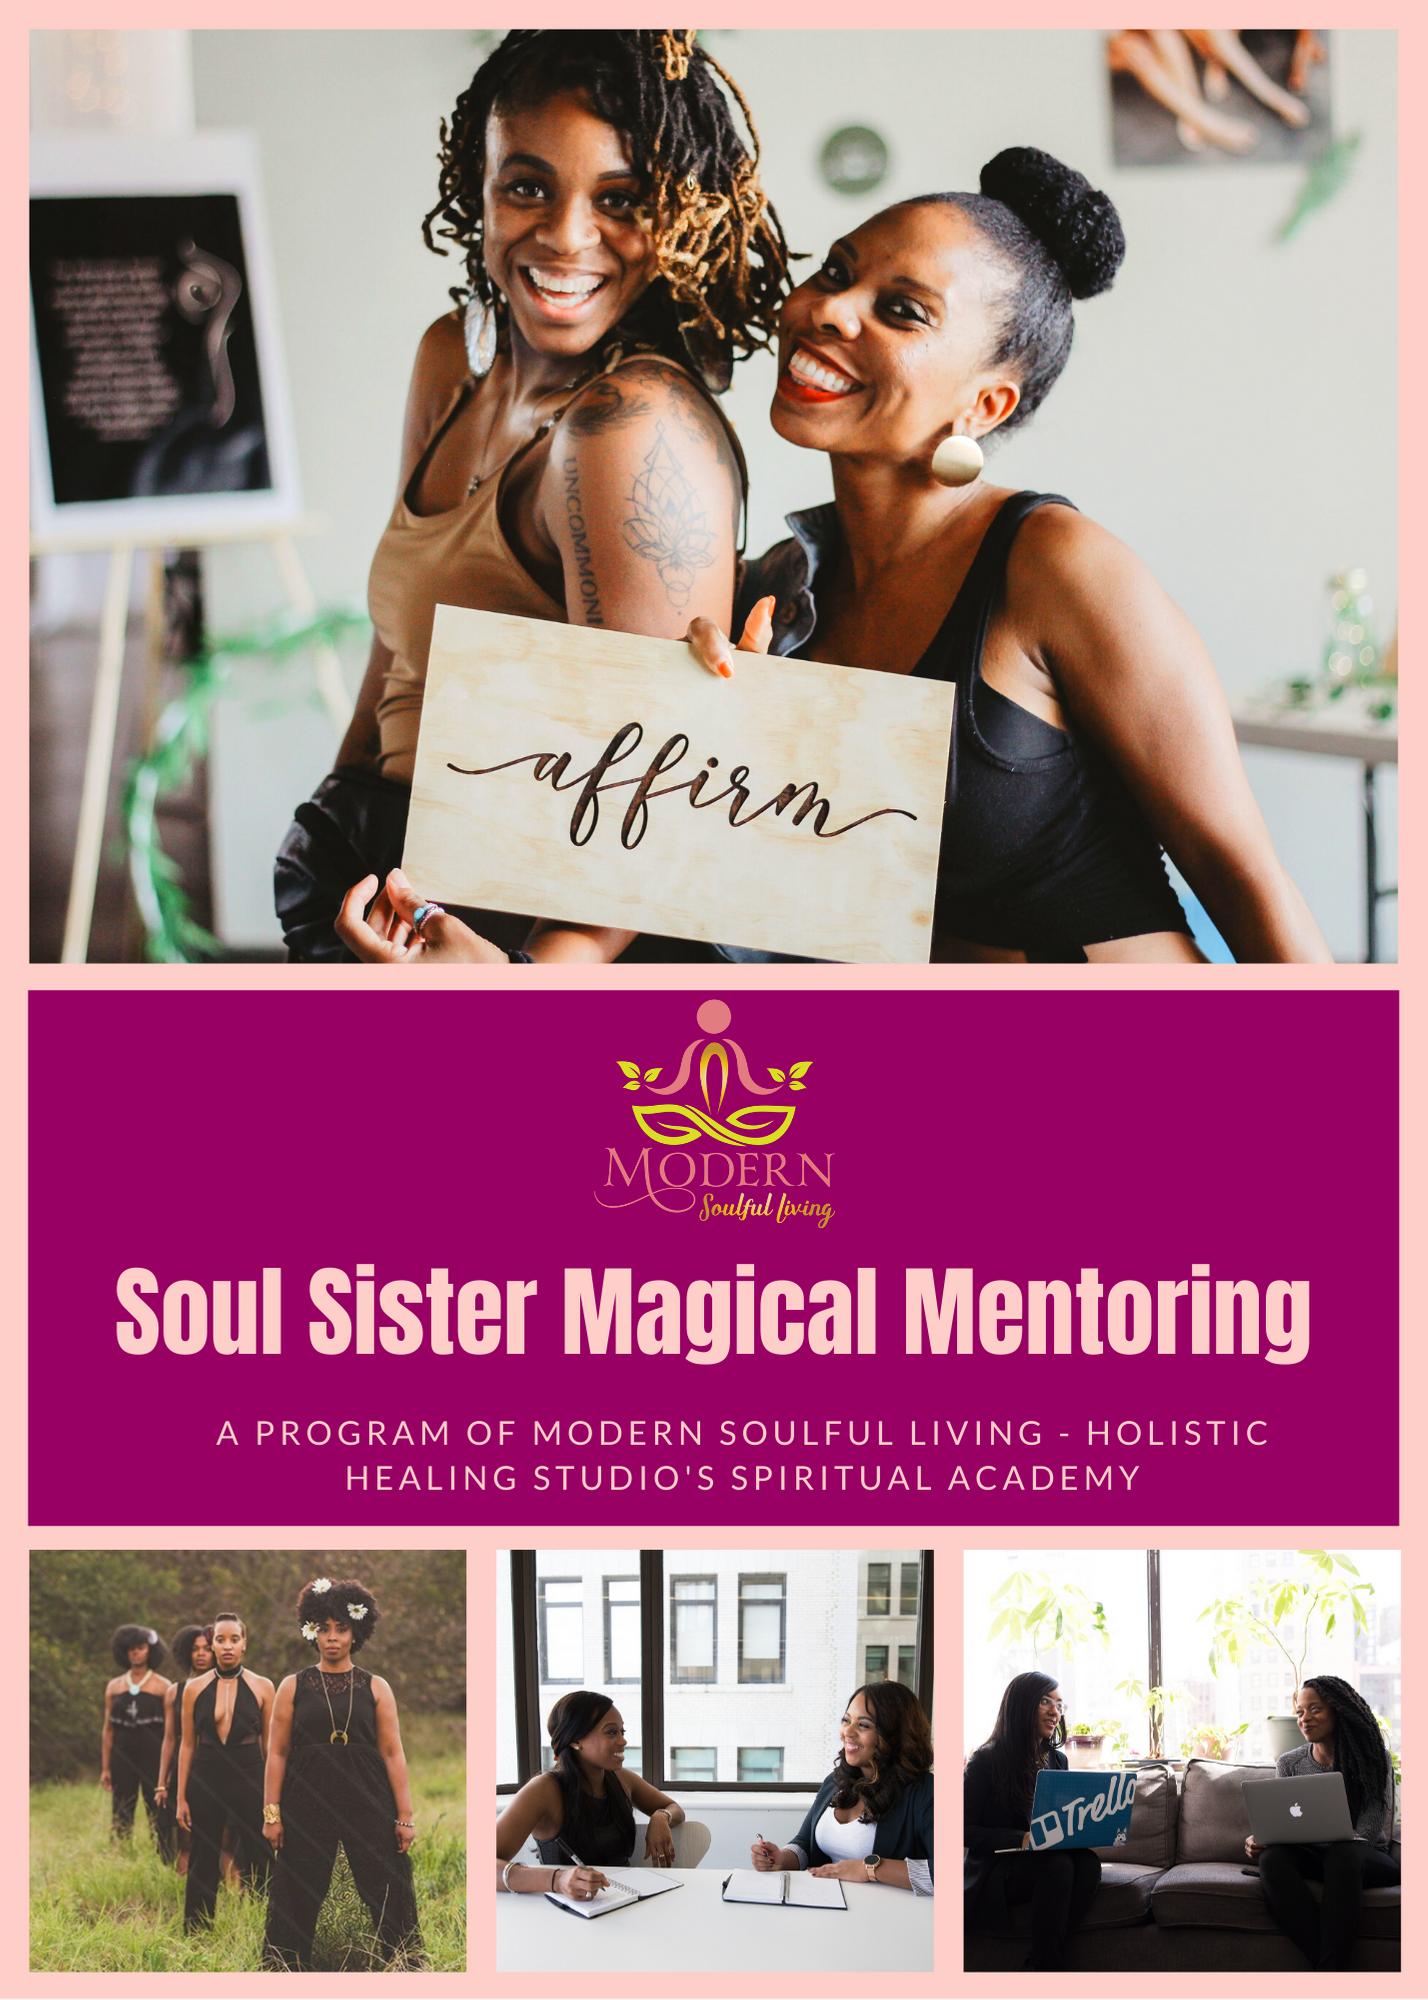 Soul Sister Magic Mentoring